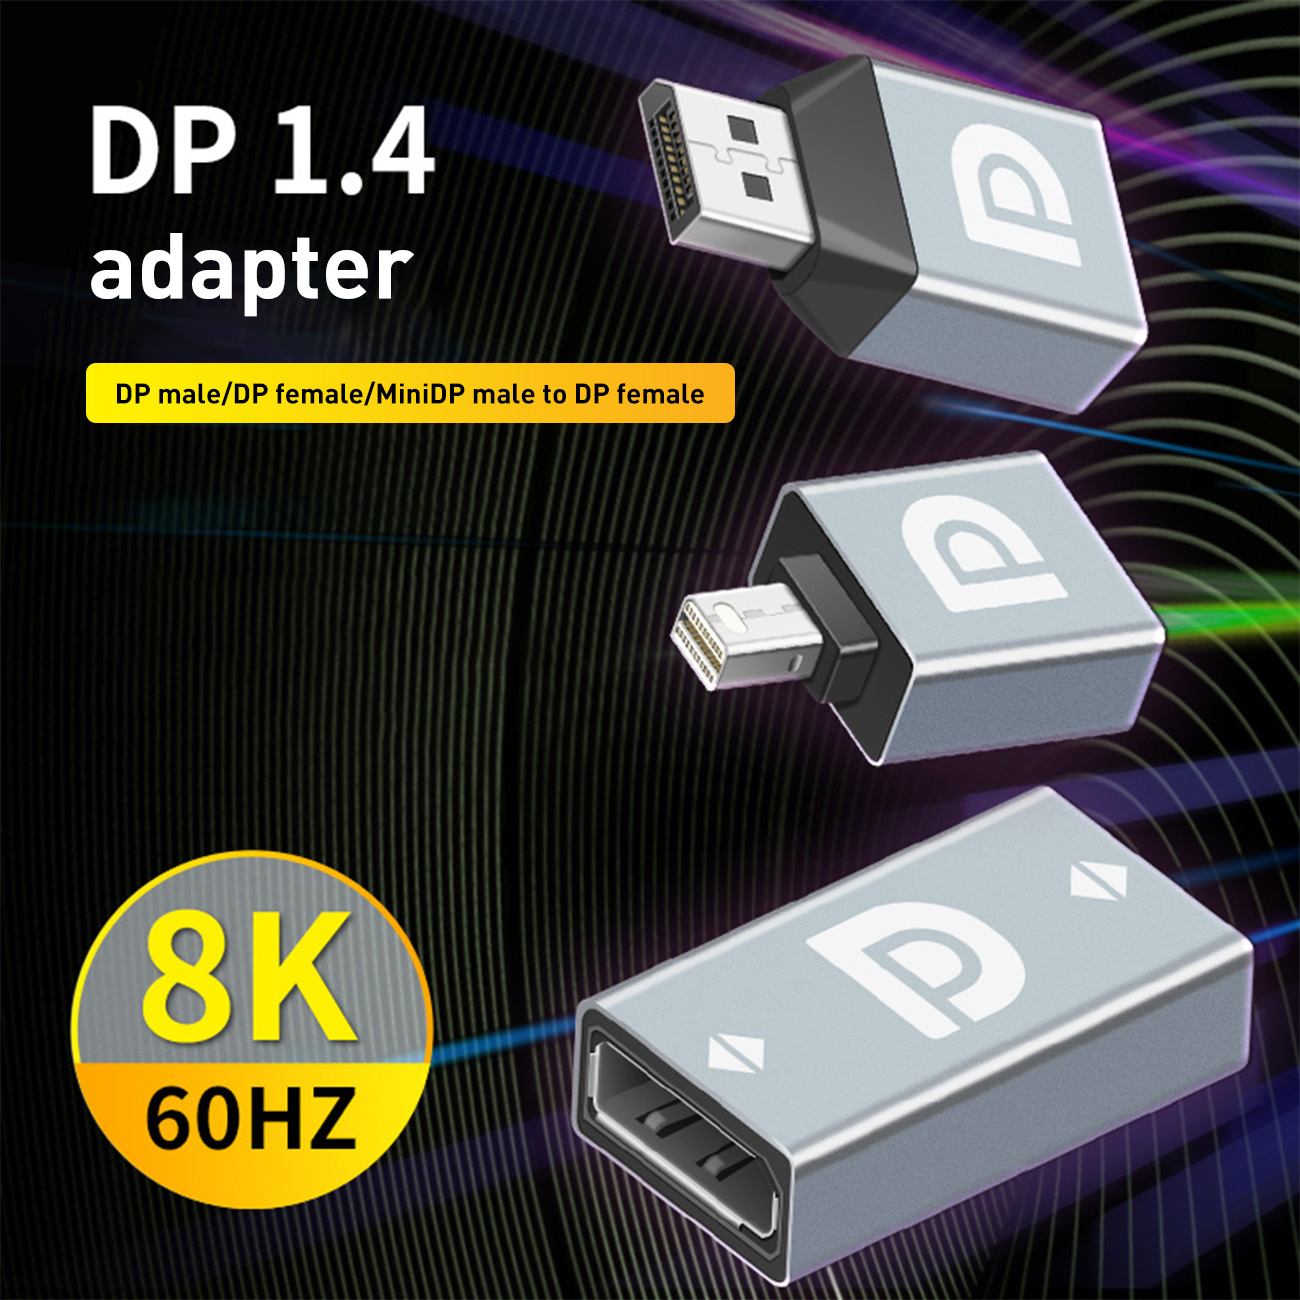 Преобразователь видео HD DP DP1.4 на DP женский мини DP адаптер Поддержка 8K @ 60Hz для ноутбука монитора домашнего проектора